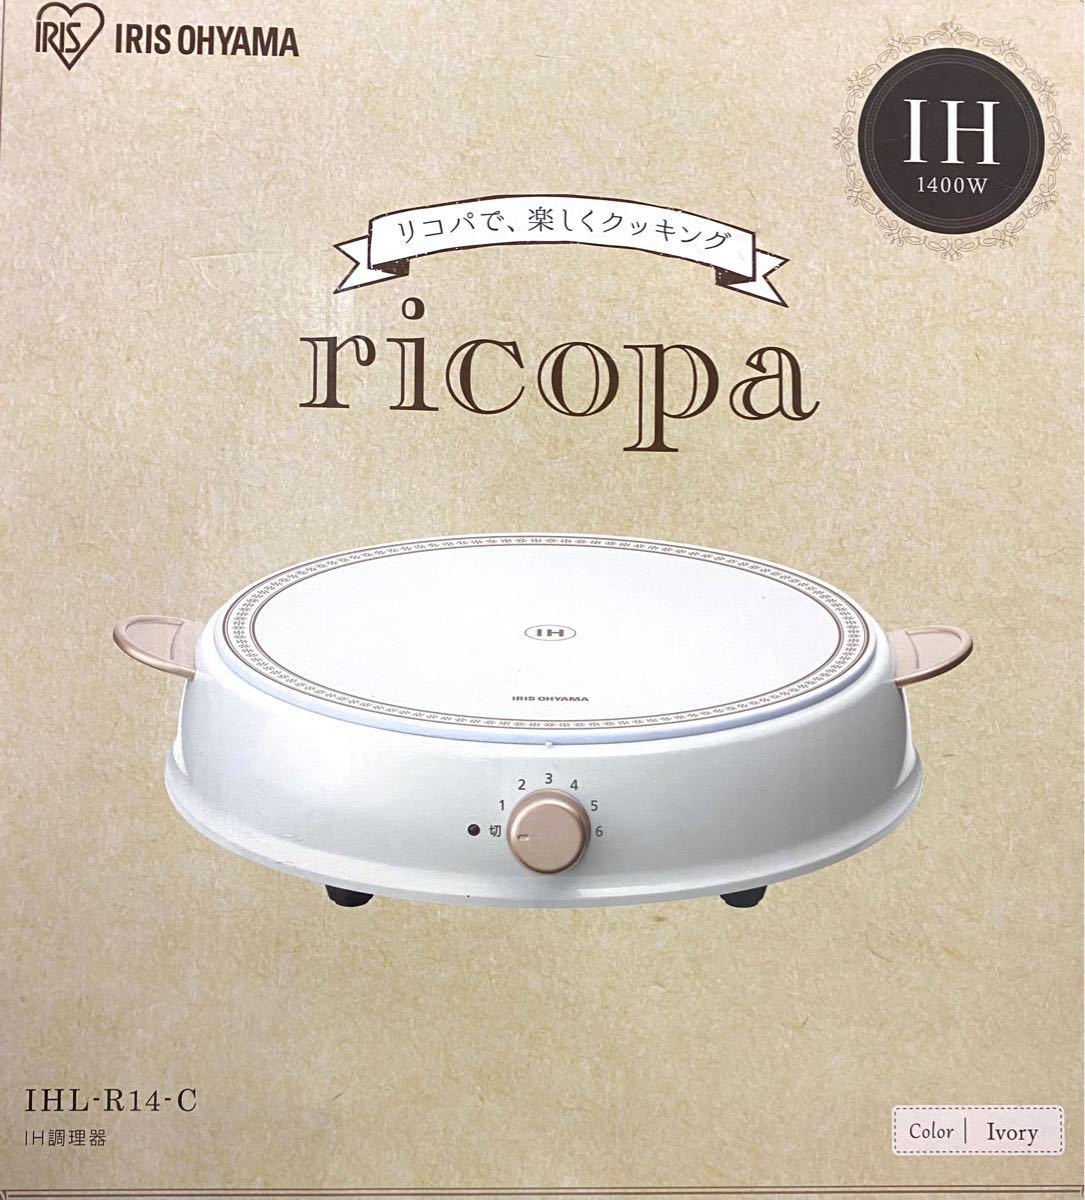 アイリスオーヤマ(IRIS OHYAMA) IHクッキングヒーター ricopa 1400W デザイン アイボリー